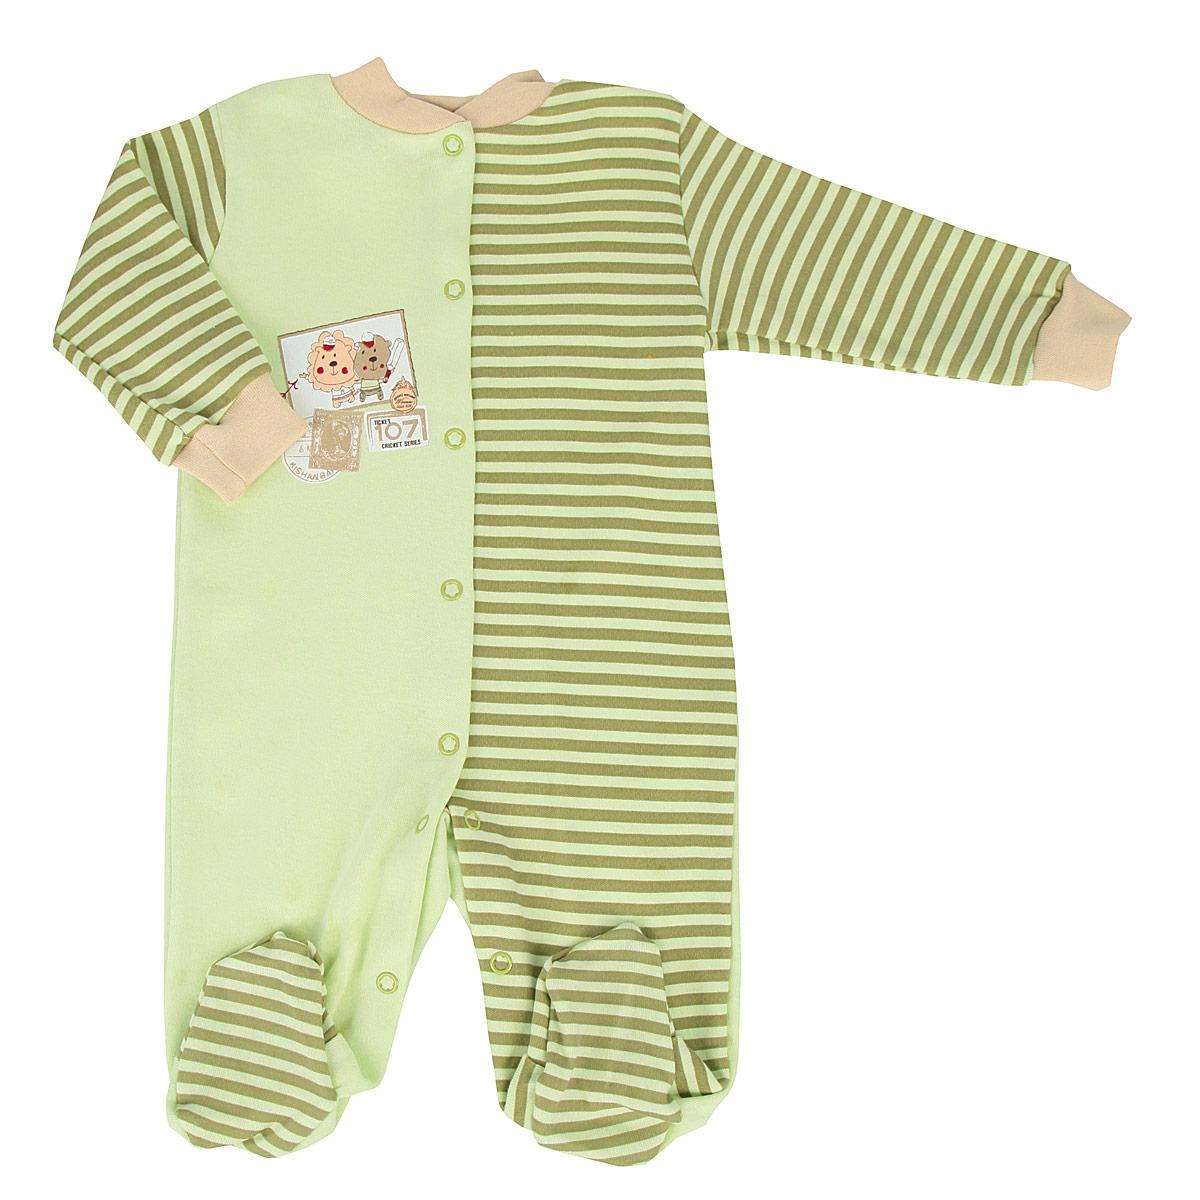 Комбинезон домашний6283Детский комбинезон для мальчика КотМарКот - очень удобный и практичный вид одежды для малышей. Комбинезон выполнен из натурального хлопка, благодаря чему он необычайно мягкий и приятный на ощупь, не раздражает нежную кожу ребенка, хорошо вентилируется, и не препятствует его движениям. Комбинезон с длинными рукавами и закрытыми ножками застегивается при помощи ряда кнопок спереди и по внутреннему шву штанин, что помогает легко переодеть младенца или сменить подгузник. Рукава дополнены широкими трикотажными манжетами, которые мягко обхватывают запястья. Комбинезон декорирован принтом в полоску и оформлен изображением почтовых марок с забавными зверюшками. С этим детским комбинезоном спинка и ножки вашего малыша всегда будут в тепле, он идеален для использования днем и незаменим ночью. Комбинезон полностью соответствует особенностям жизни младенца в ранний период, не стесняя и не ограничивая его в движениях!